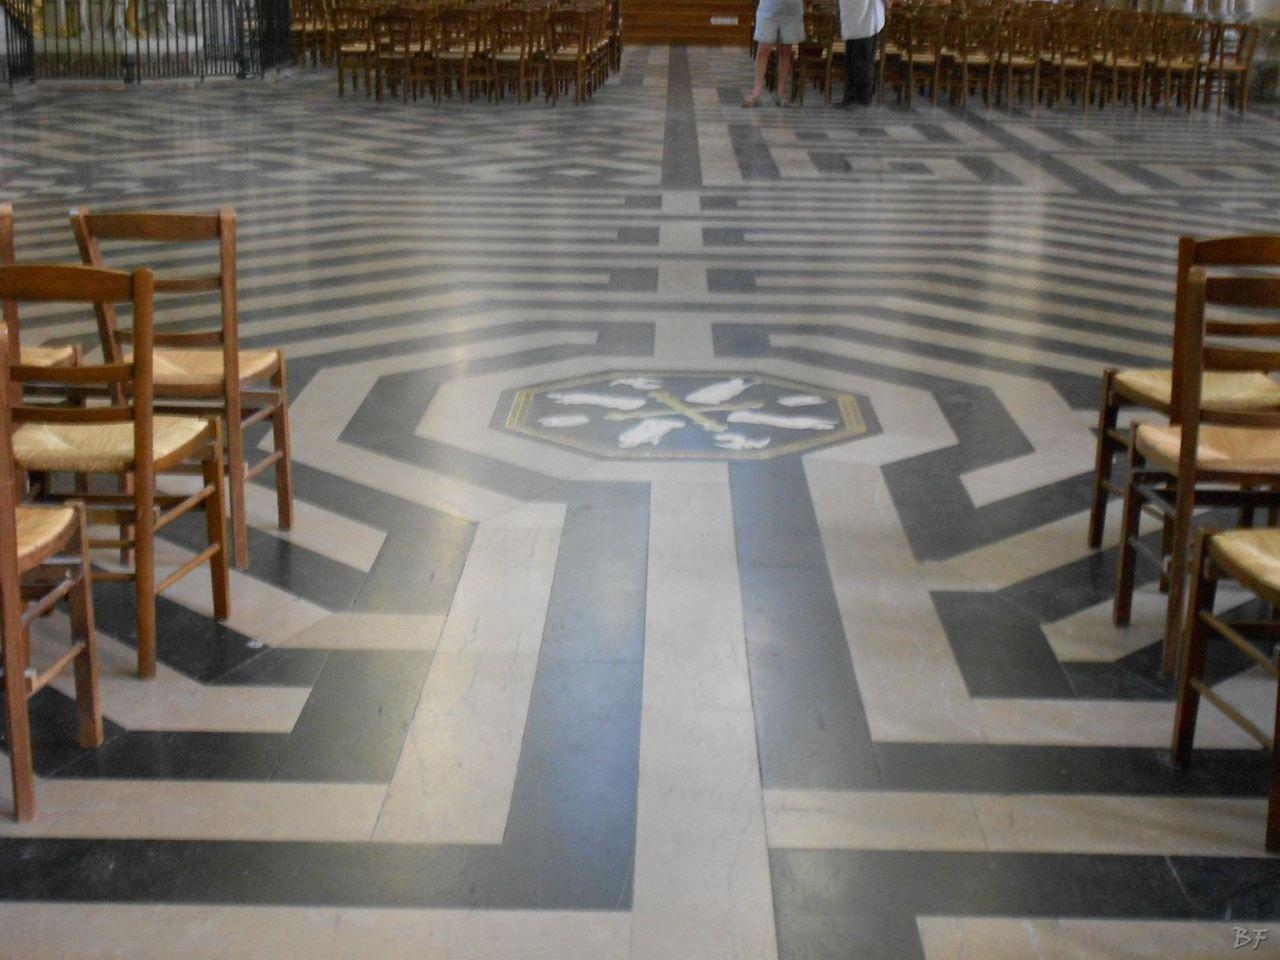 Cattedrale-Gotica-della-Vergine-di-Amiens-Somme-Hauts-de-France-17